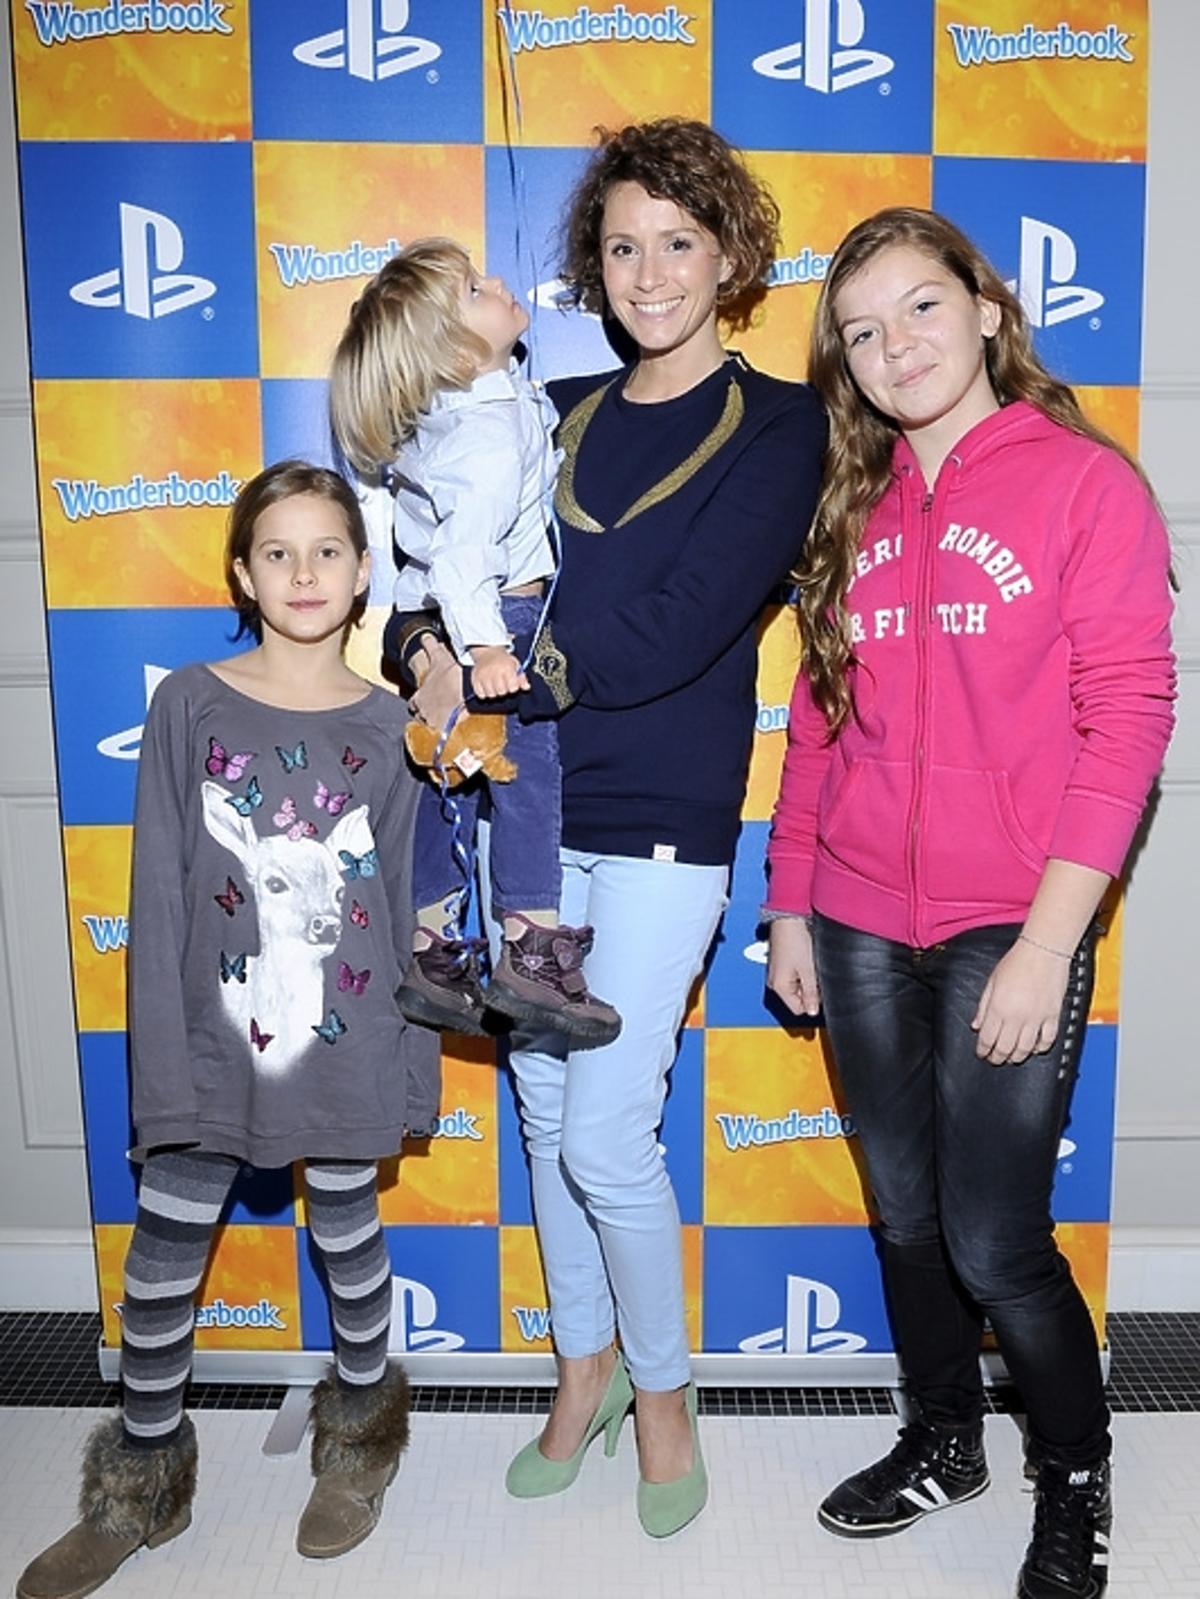 Monika Mrozowska z dziećmi na premierze PlayStation 3 - Wonderbook: Księga Czarów